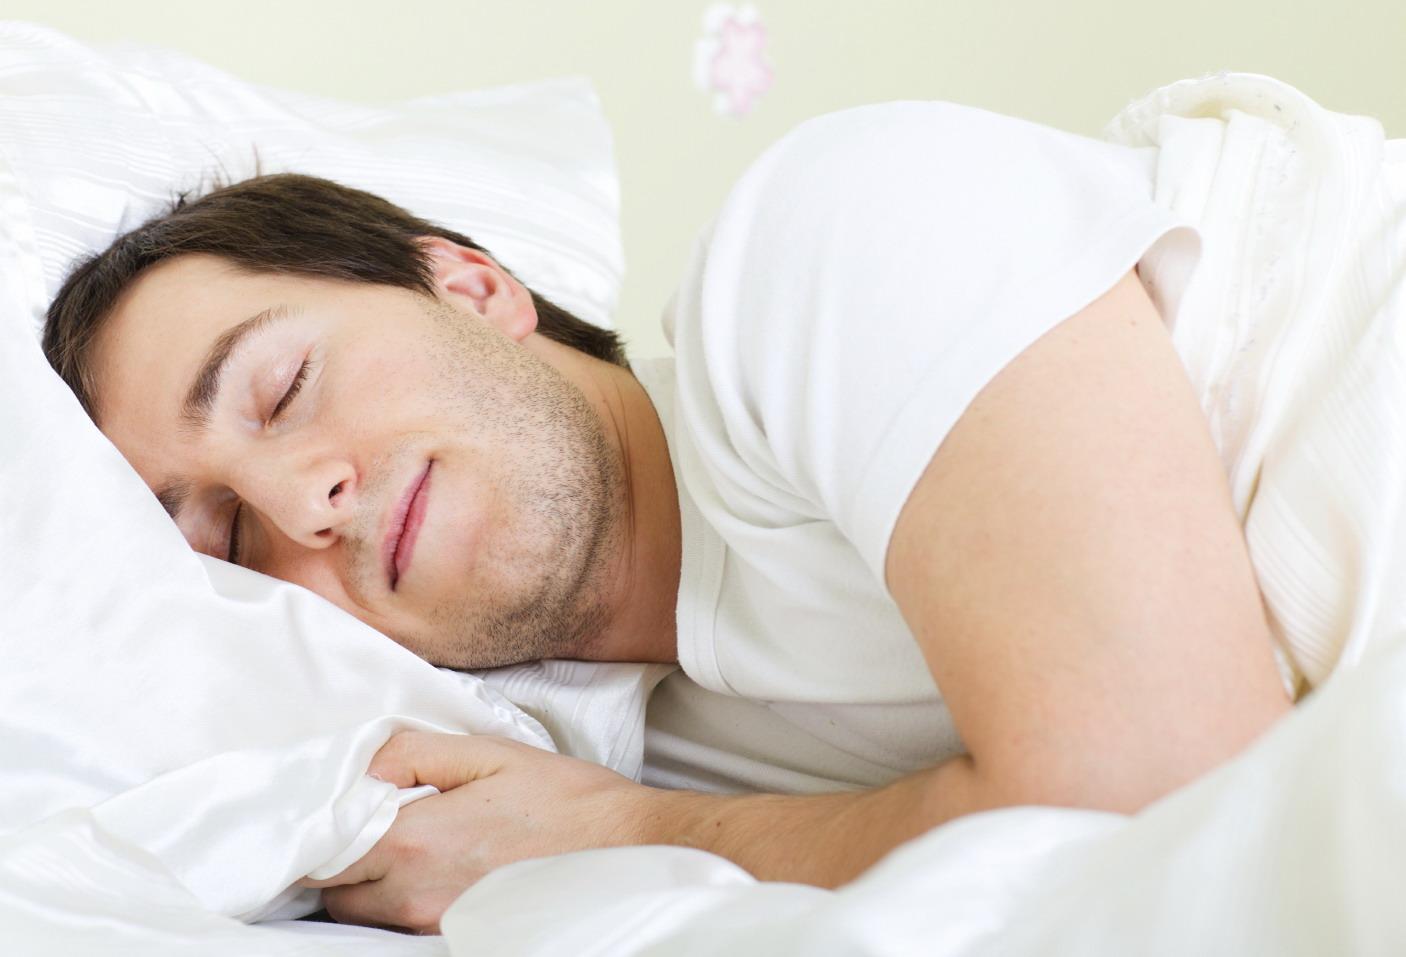 le erezioni notturne sono normali)